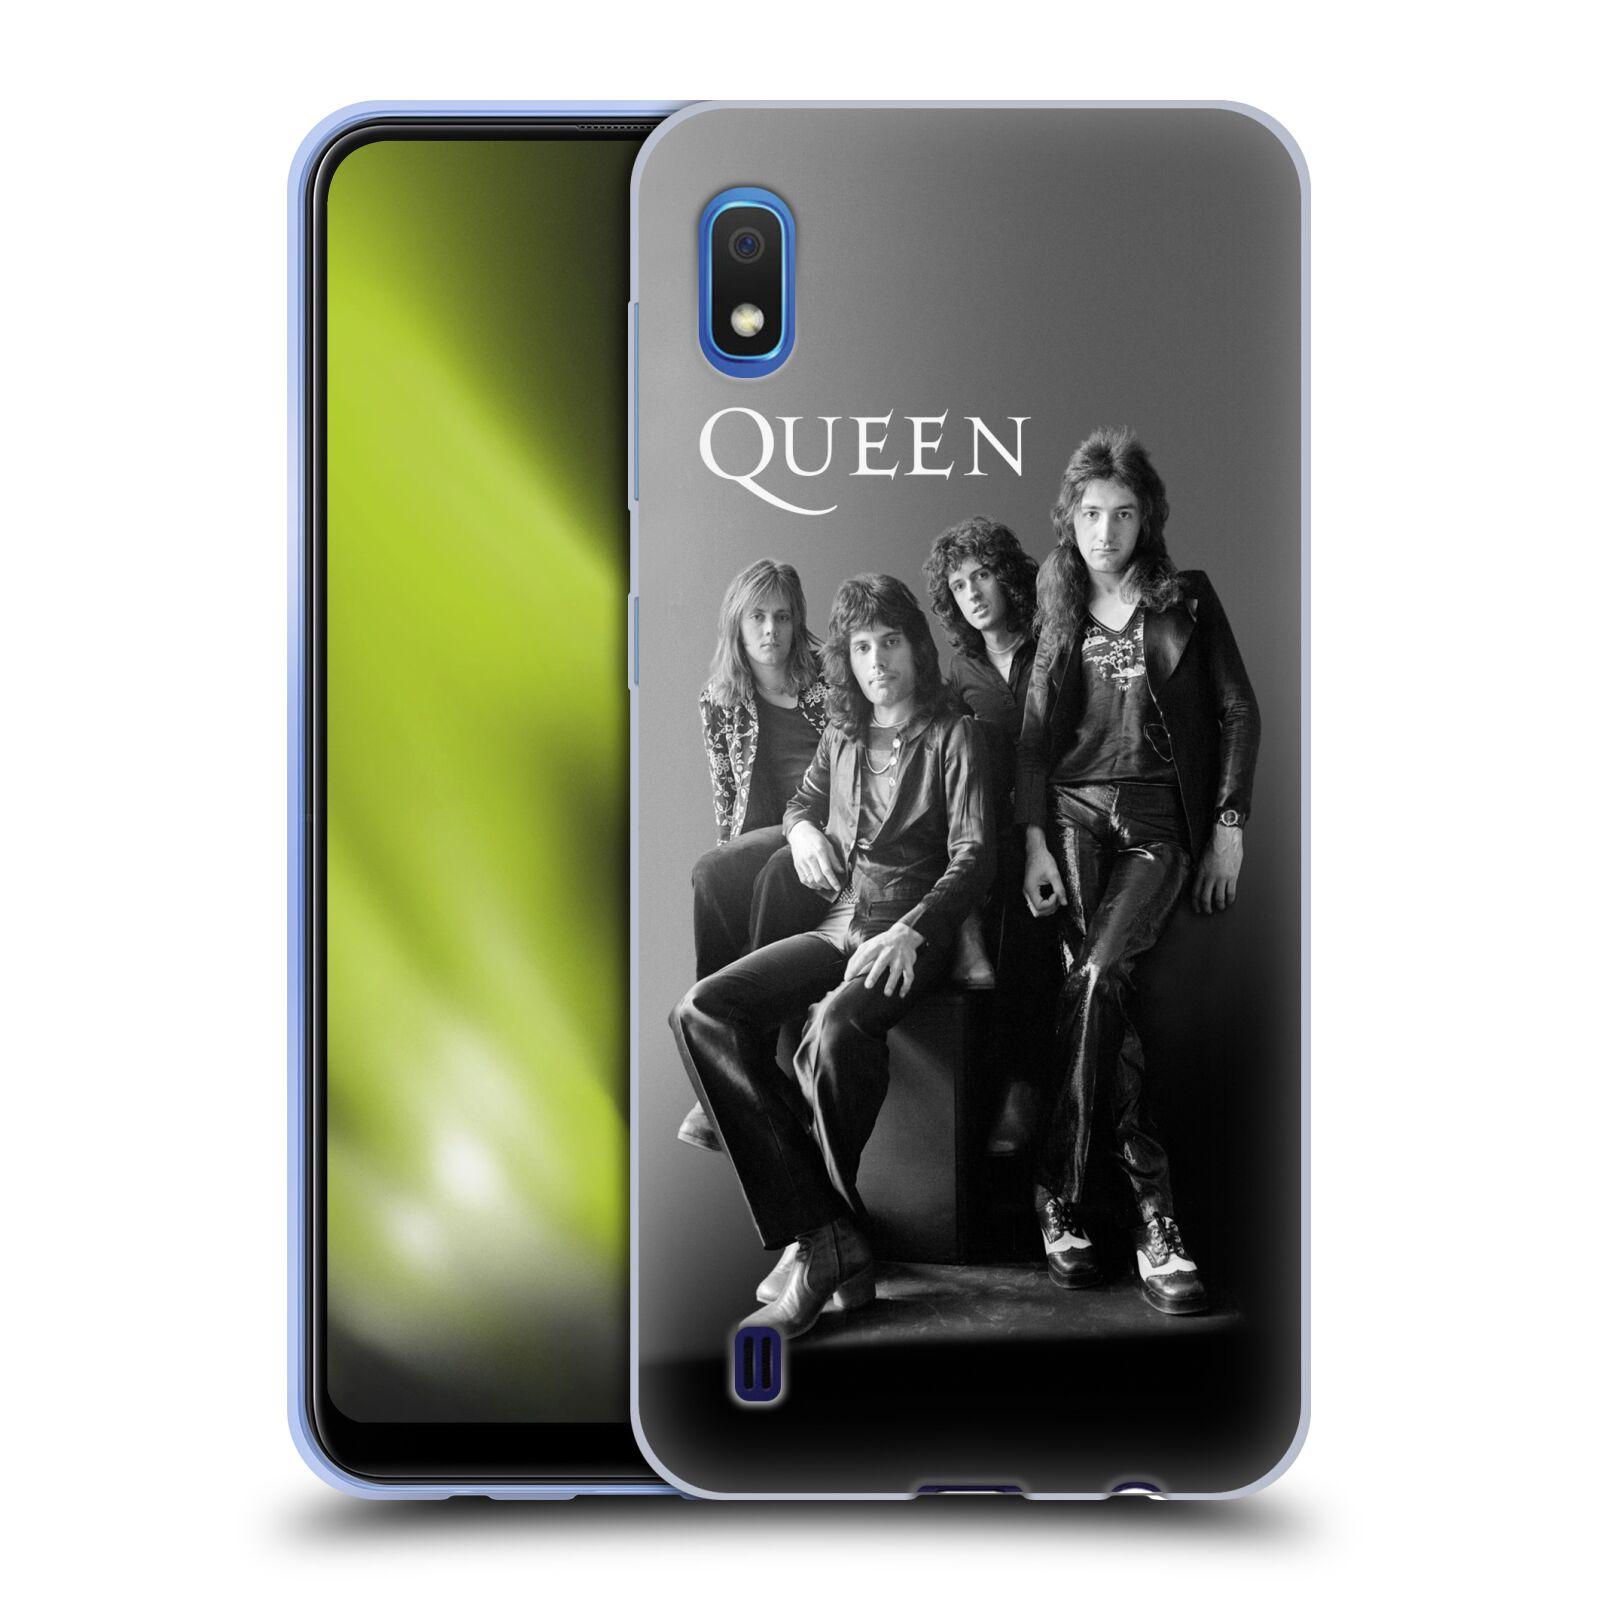 Silikonové pouzdro na mobil Samsung Galaxy A10 - Head Case - Queen - Skupina